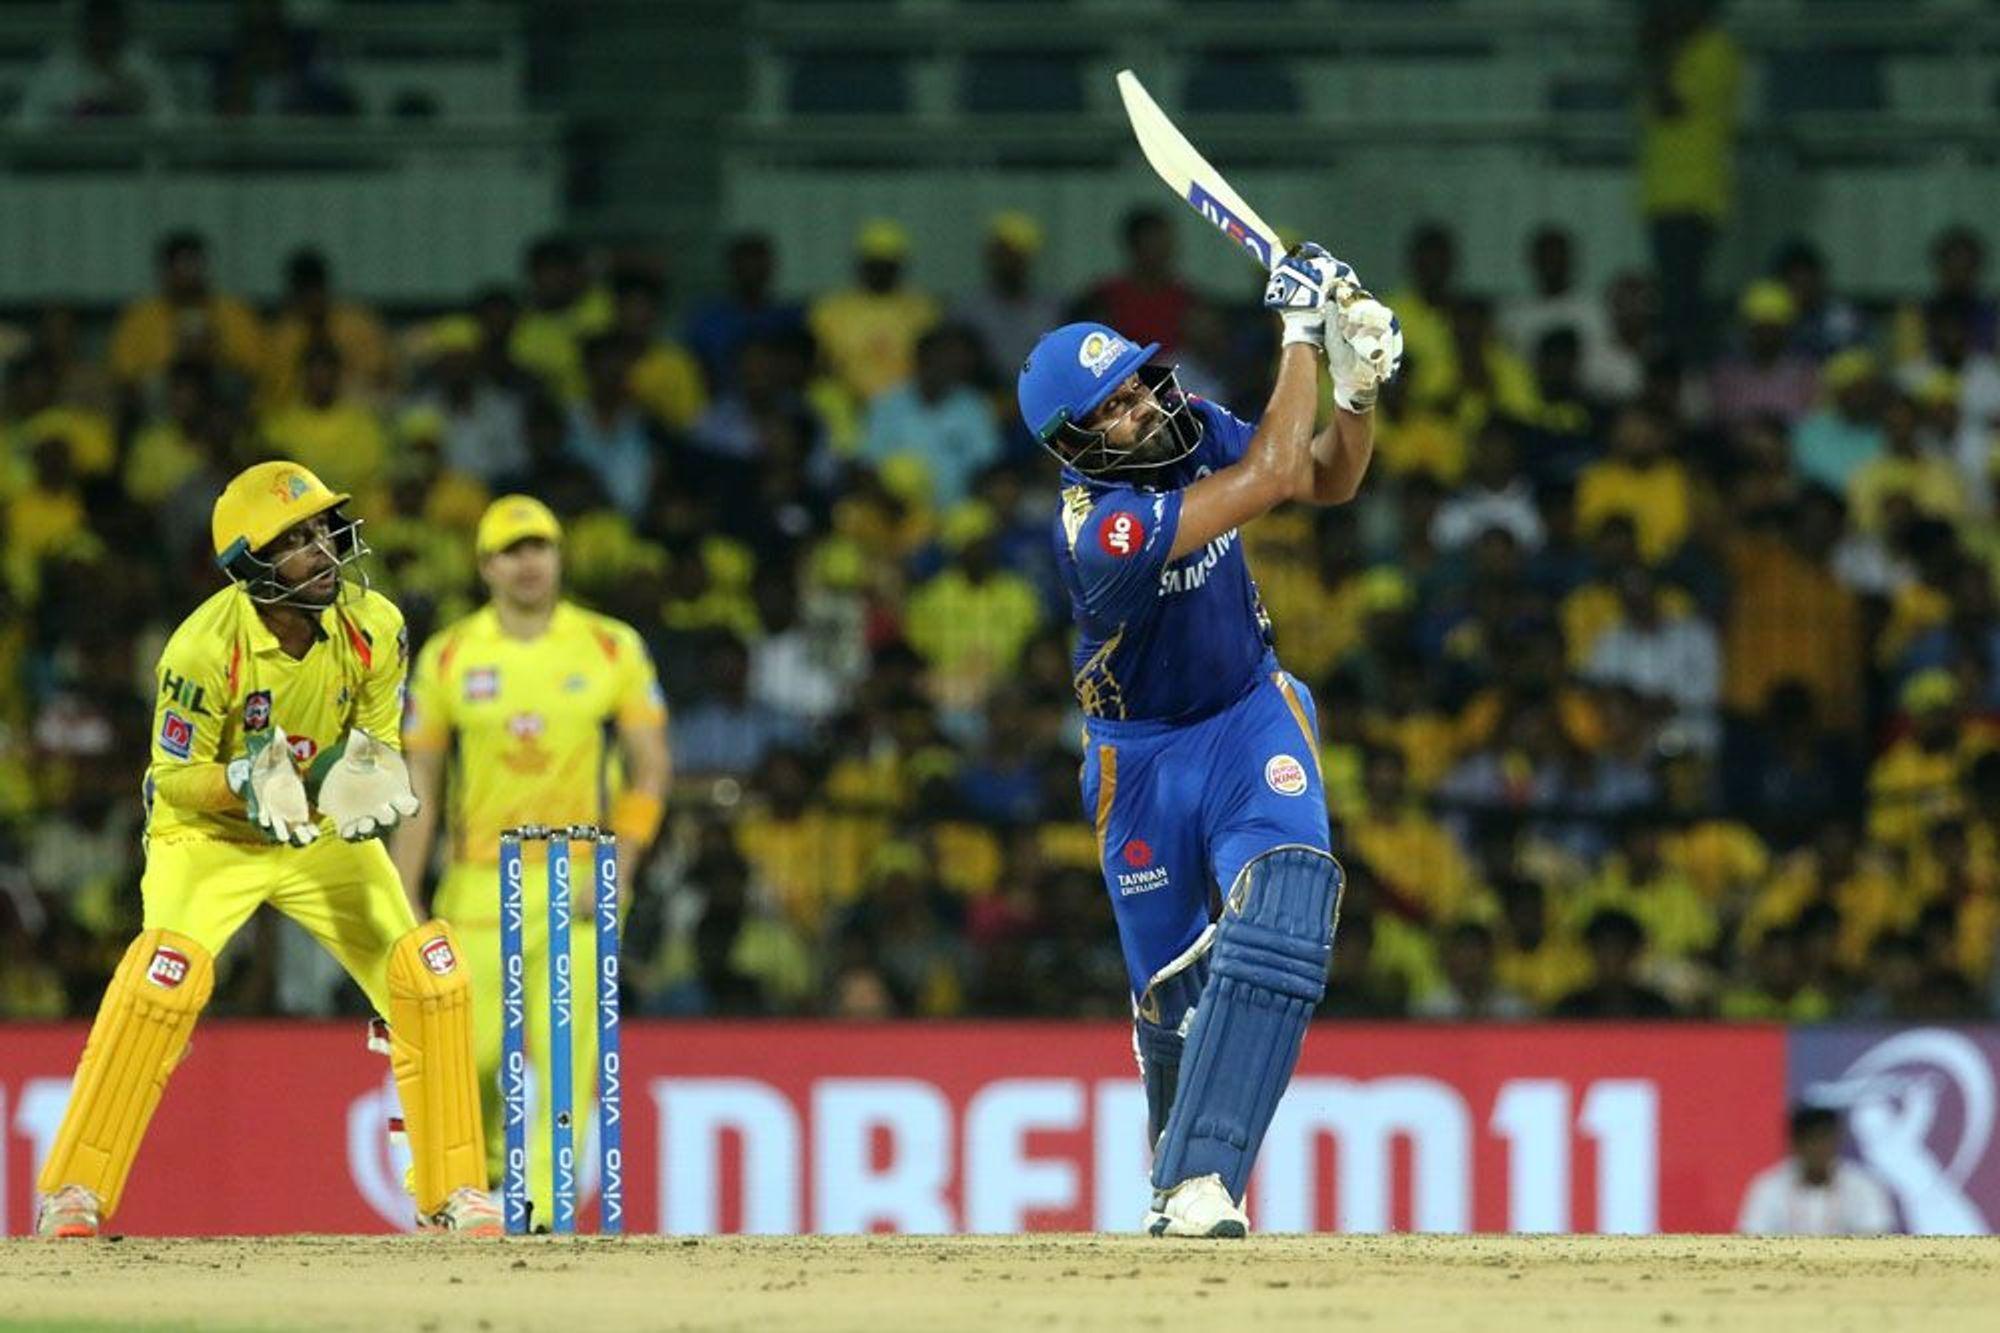 आईपीएल 2019: प्लेऑफ़ में पहुंचने के बाद चेन्नई सुपर किंग्स पर तंज कसते हुए नजर आये रोहित शर्मा 1